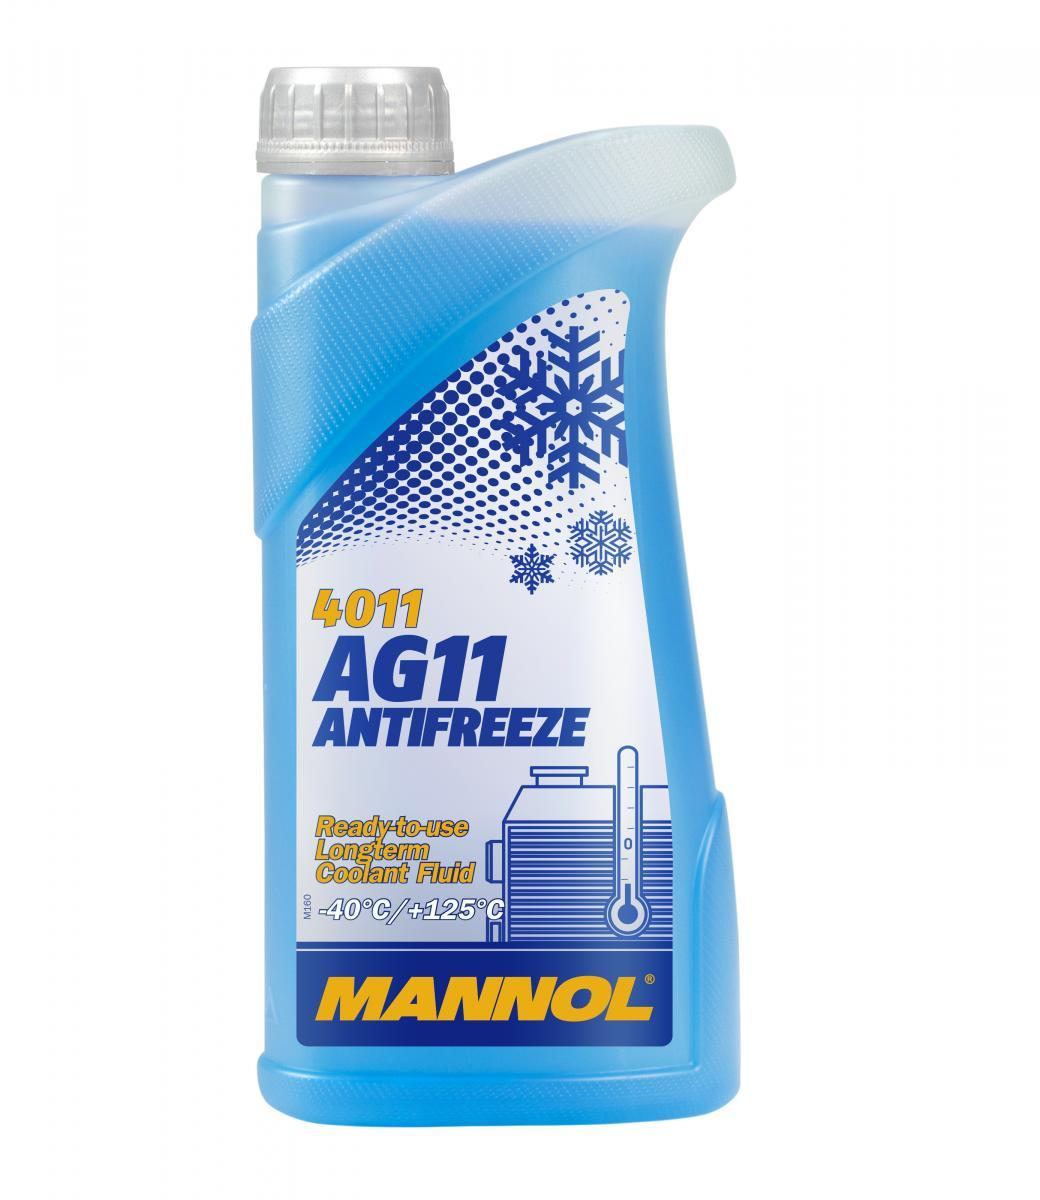 MANNOL: Original Gefrierschutzmittel MN4011-1 (G11, Temperaturbereich von: -40°C)